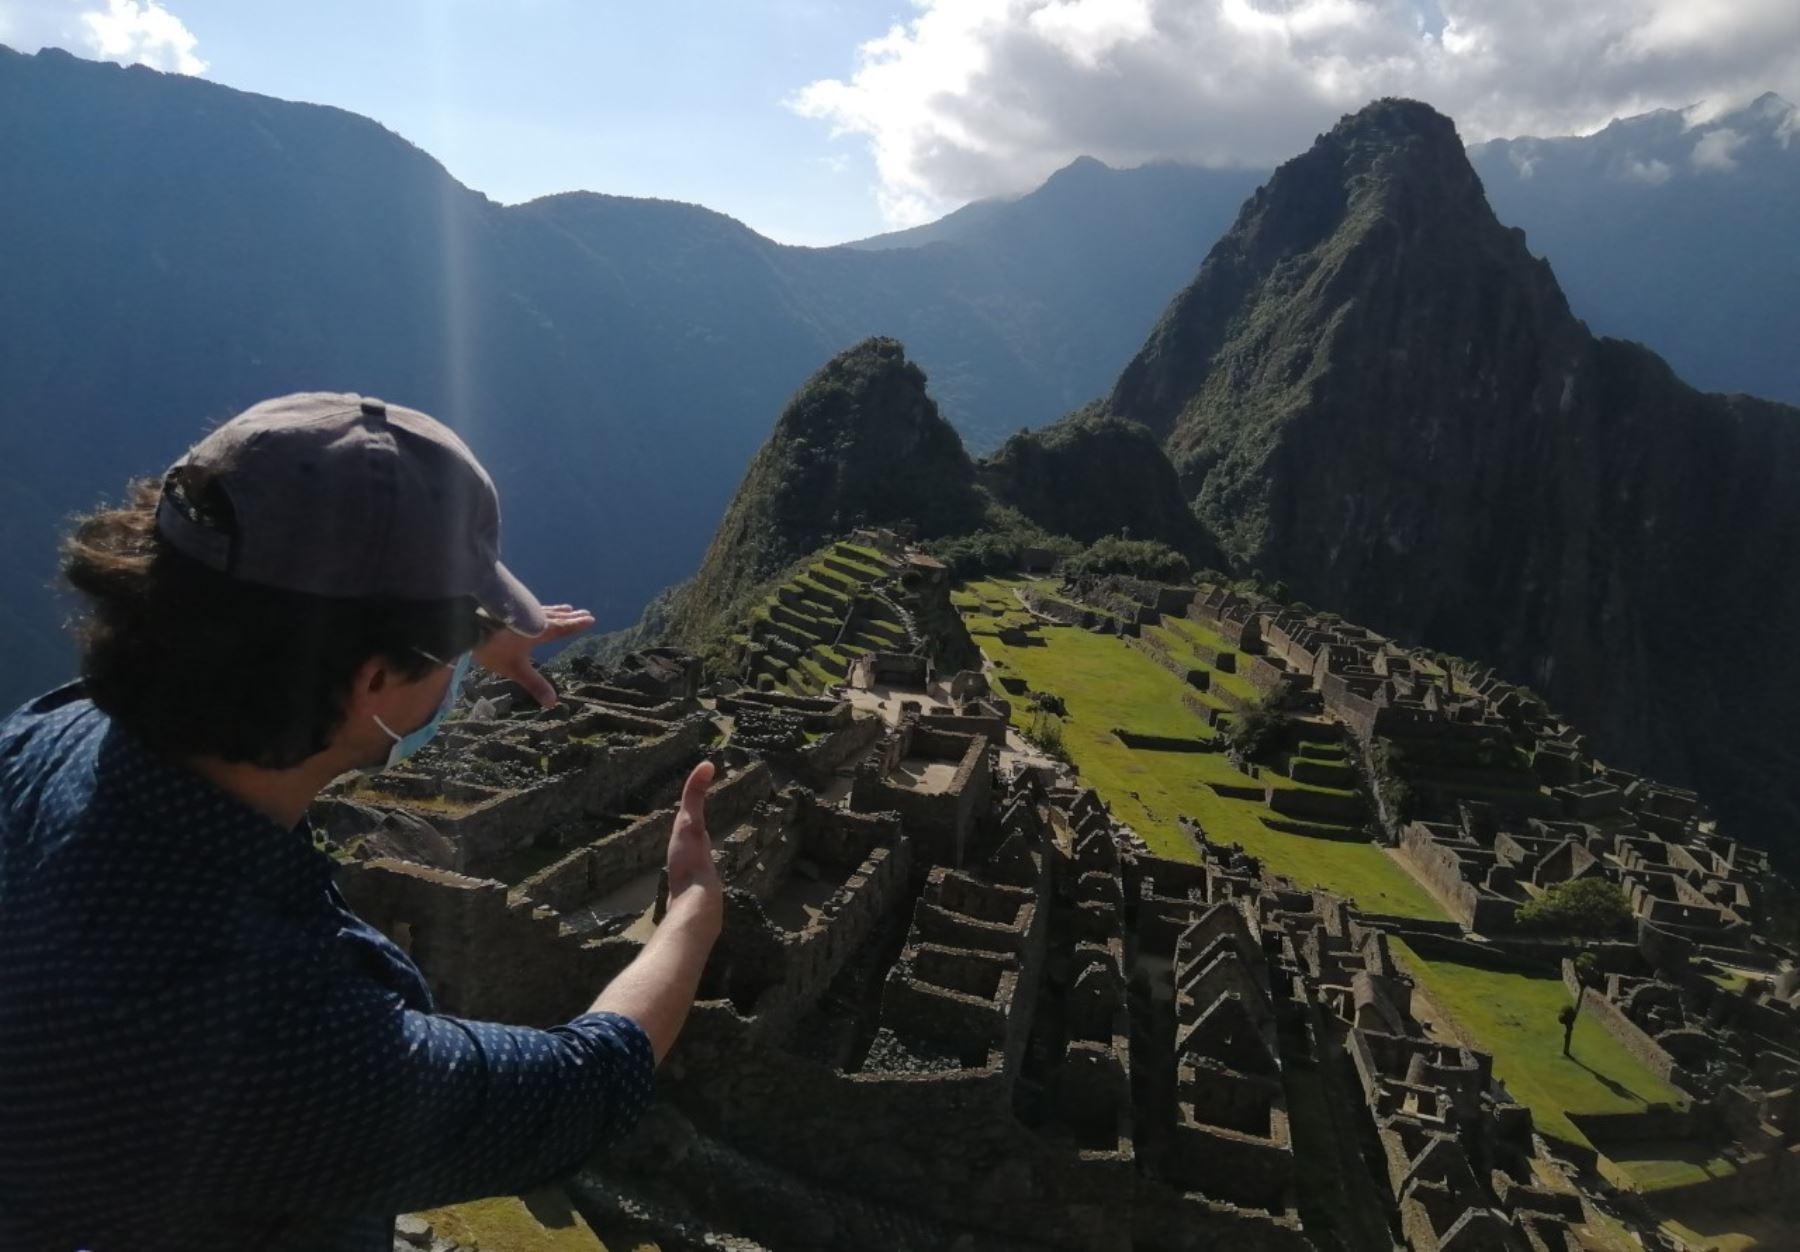 Las personas que visiten Machu Picchu deberán cumplir un riguroso protocolo que empieza desde su arribo a la ciudad de Cusco. ANDINA/Difusión